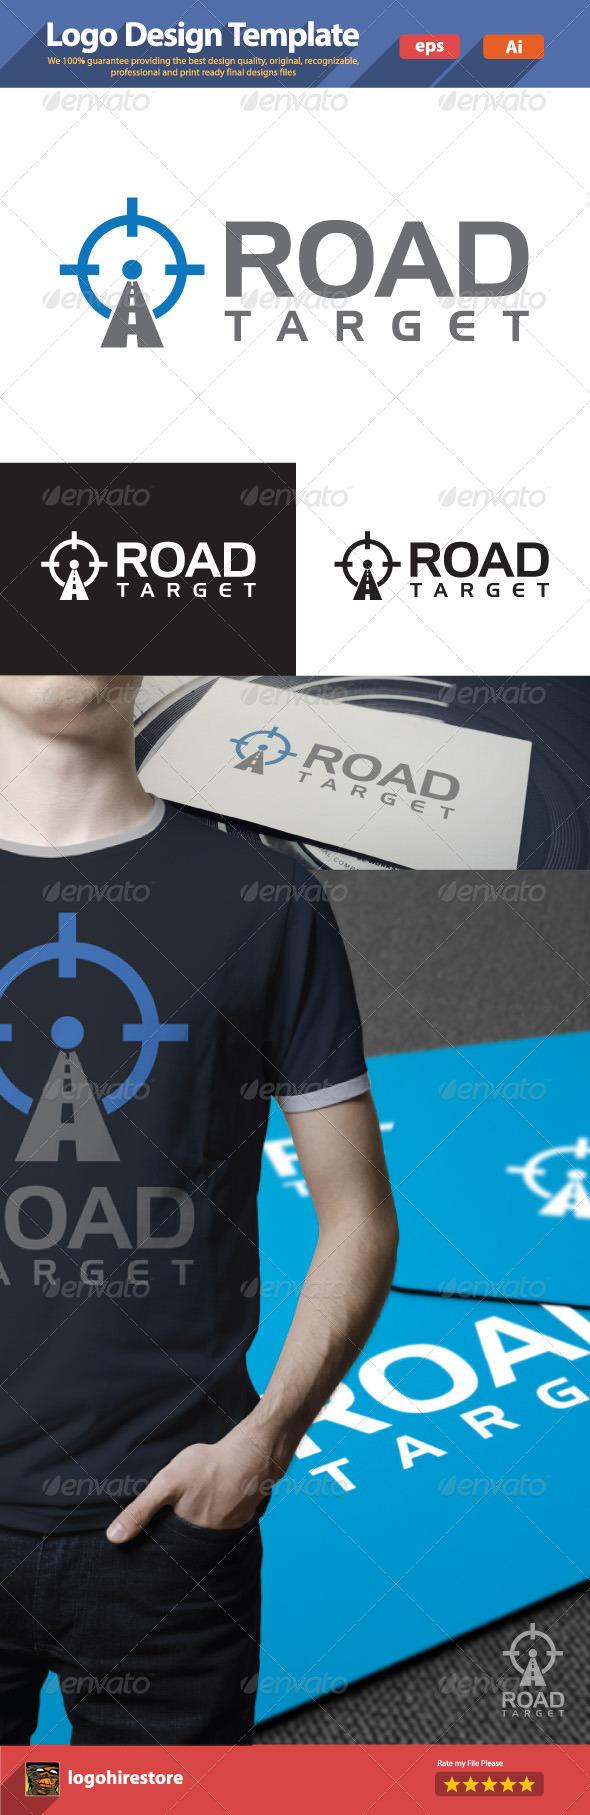 Road Target